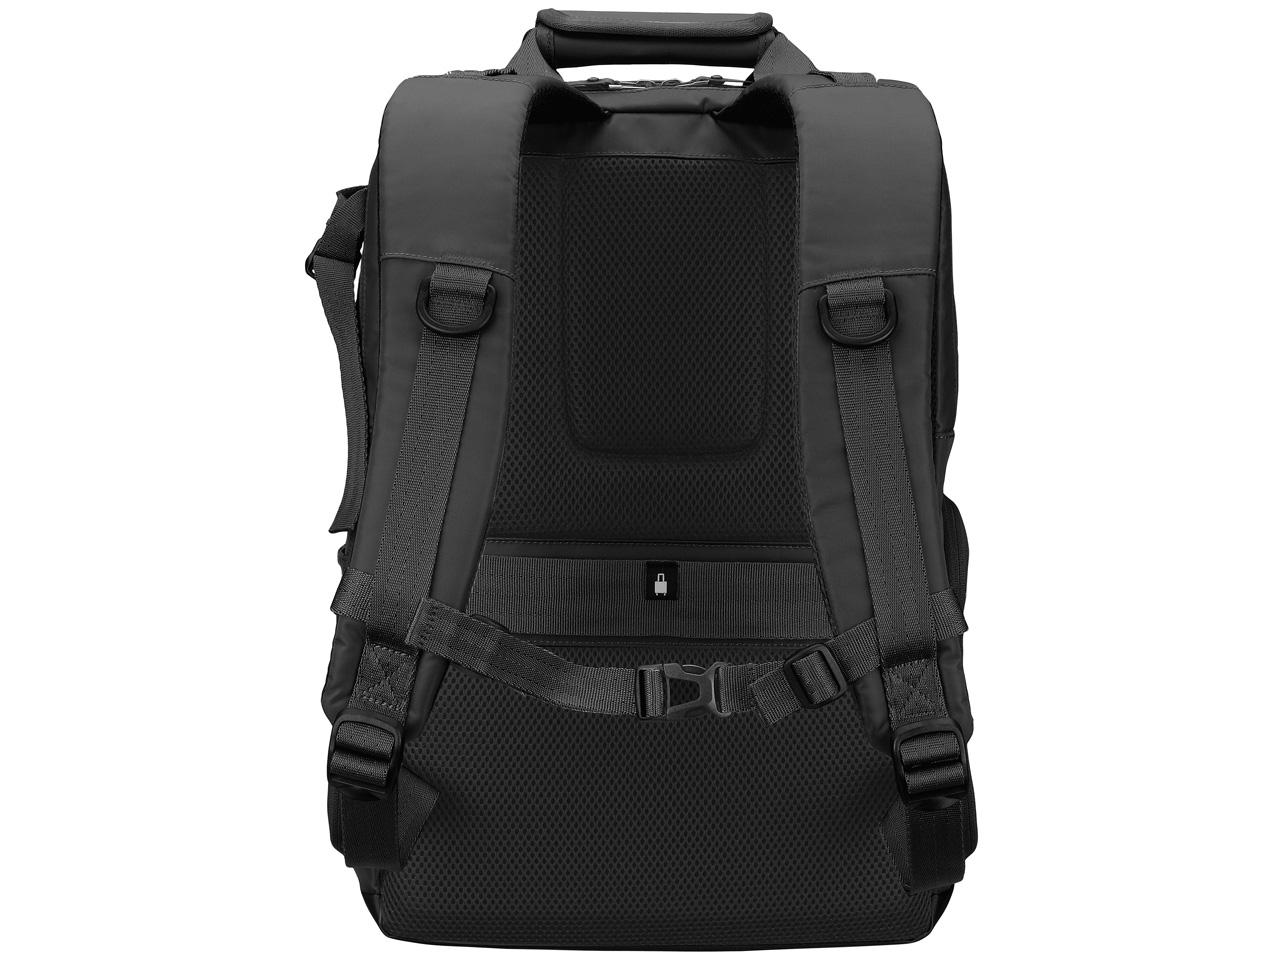 『本体 背面』 SP-BS-BPMBK [ブラック] の製品画像